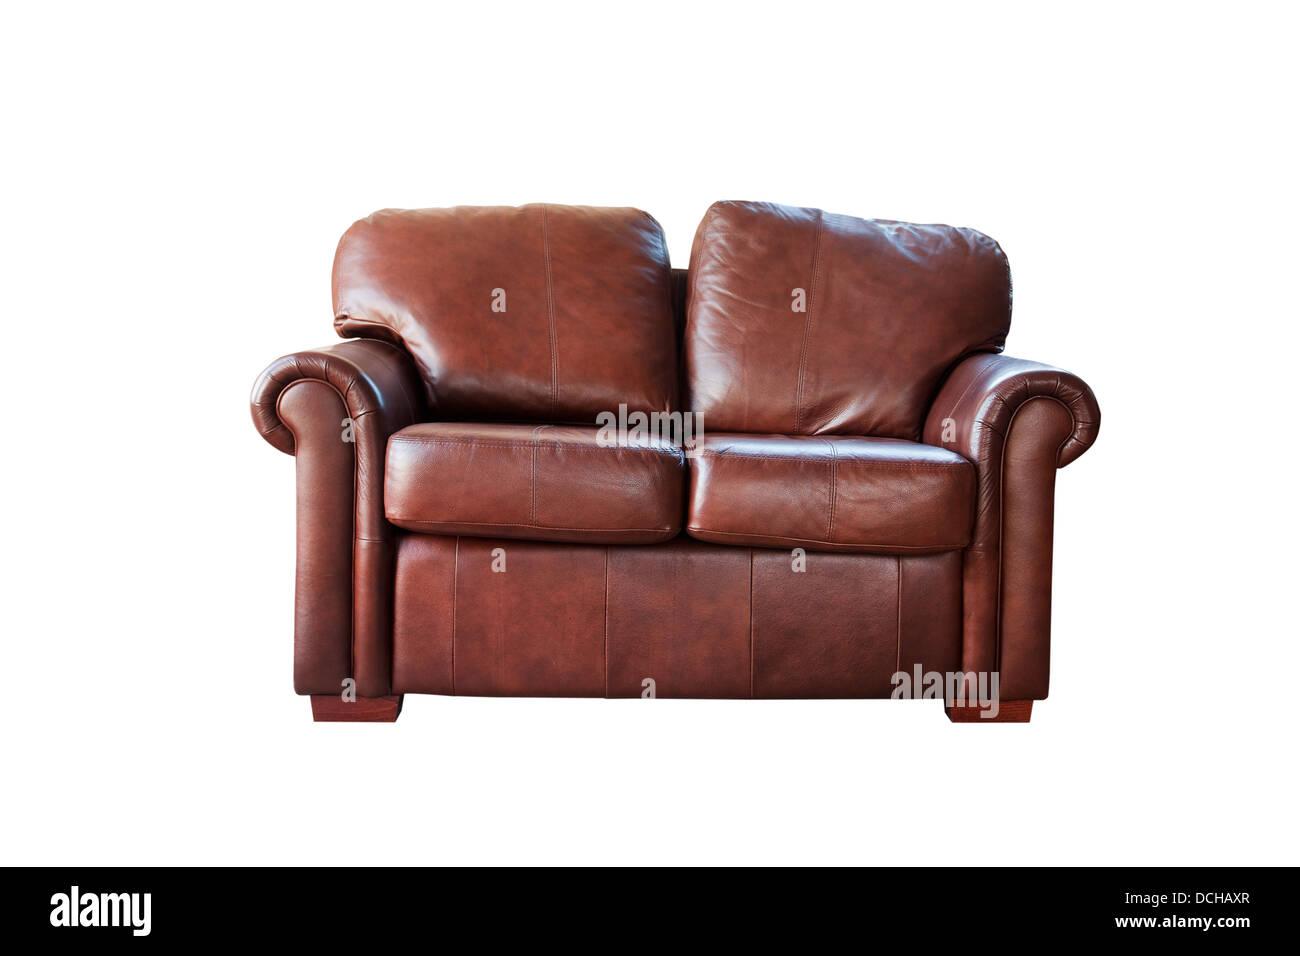 Sofá de cuero marrón cortado en blanco Imagen De Stock